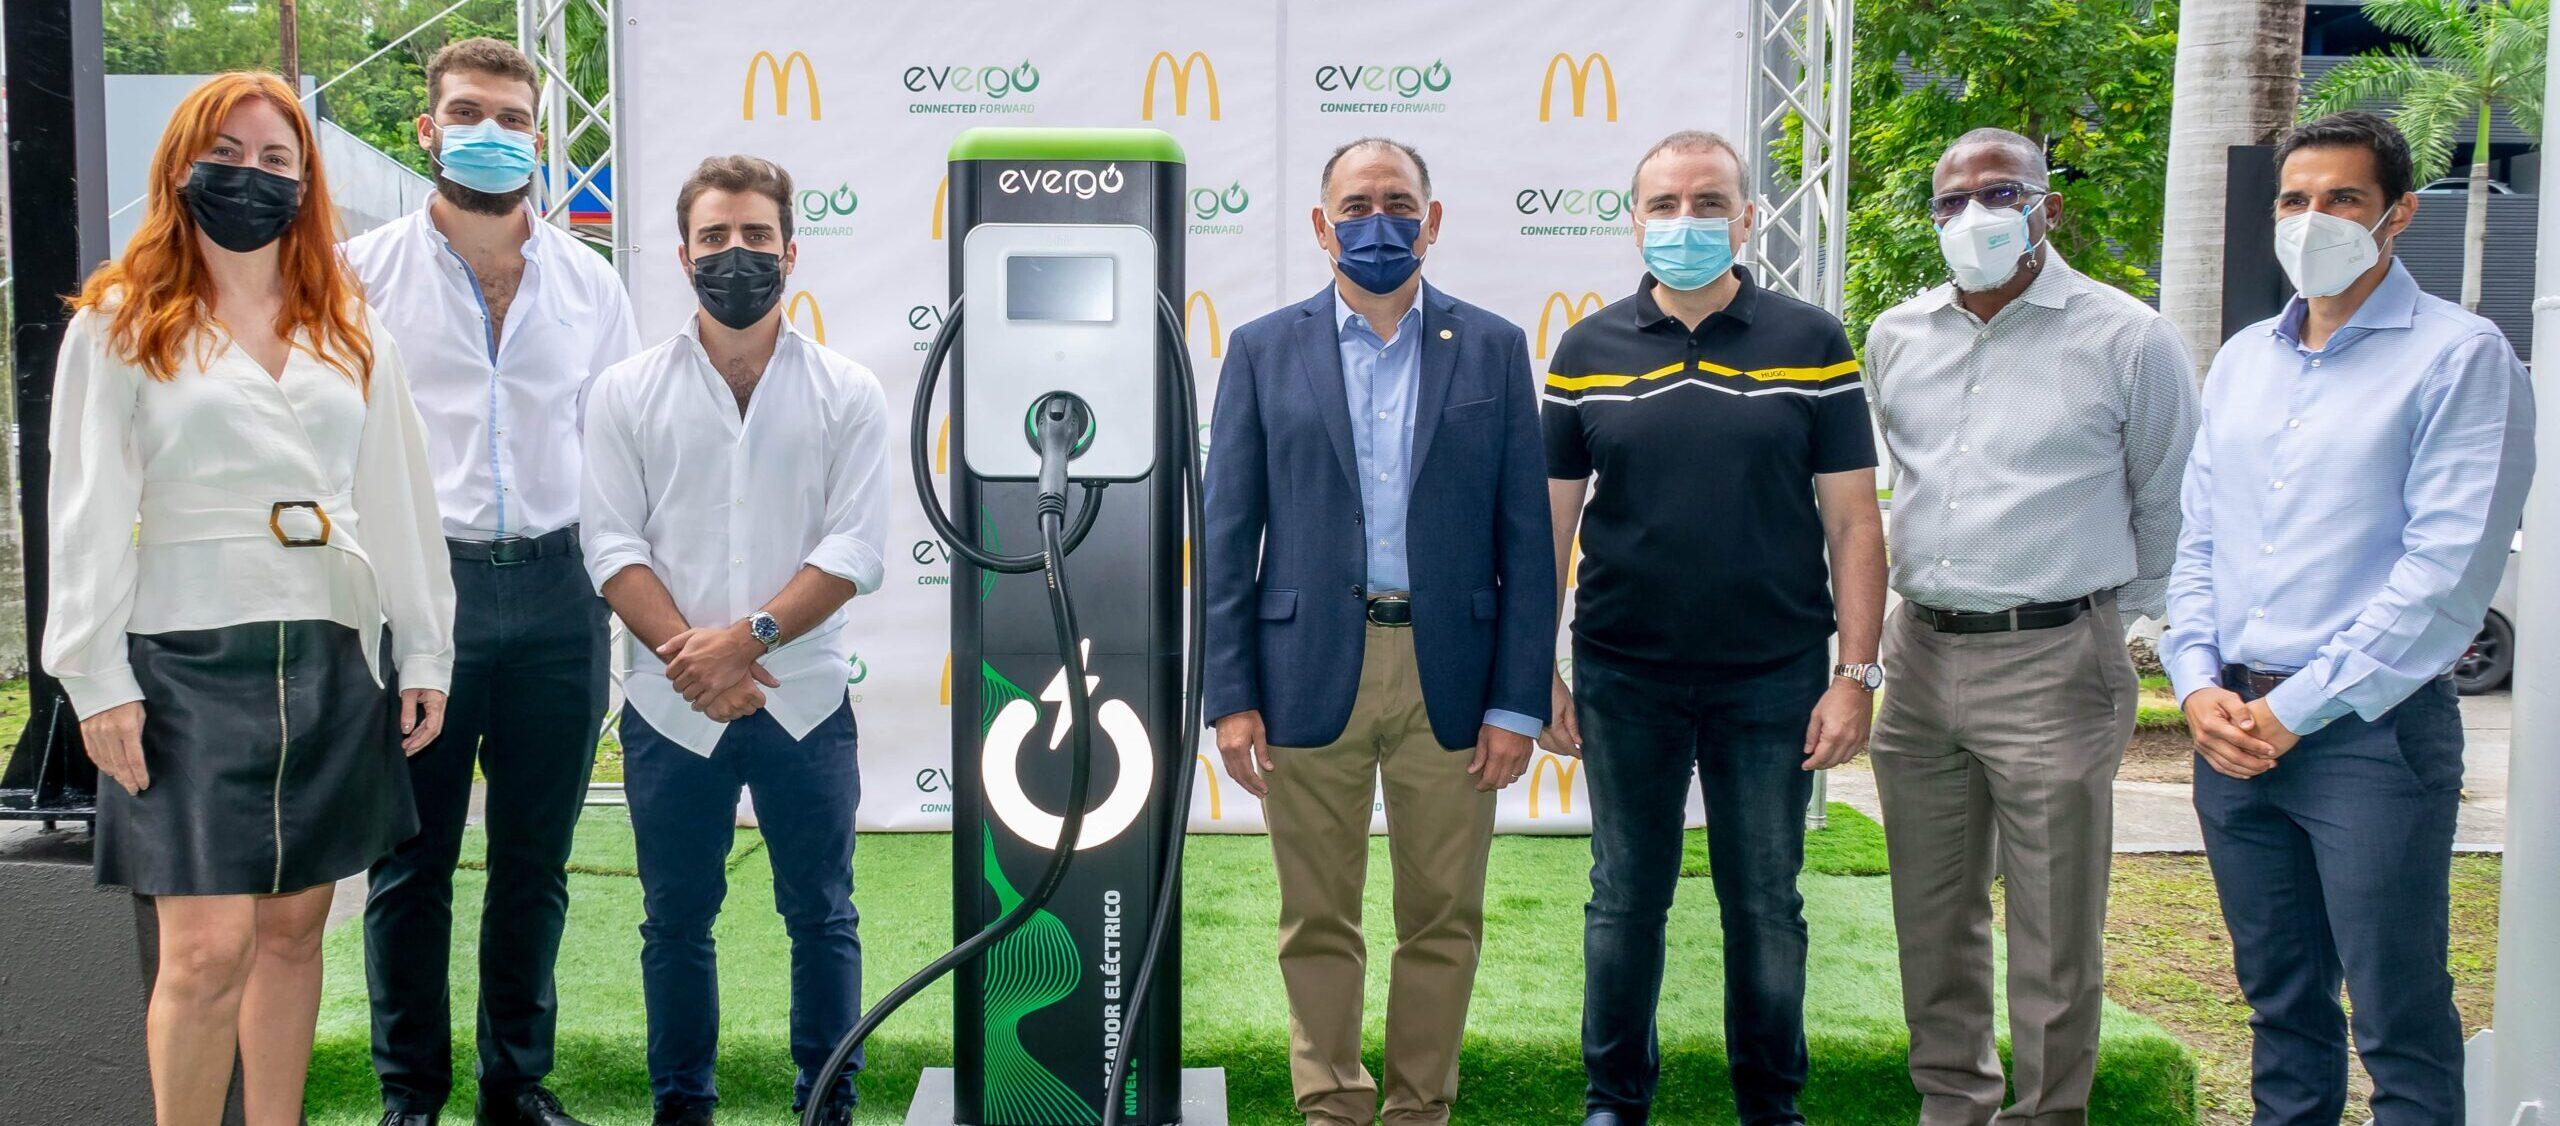 [Panamá] Arcos Dorados promueve la movilidad eléctrica con un proyecto de instalación de 16 estaciones de carga Evergo